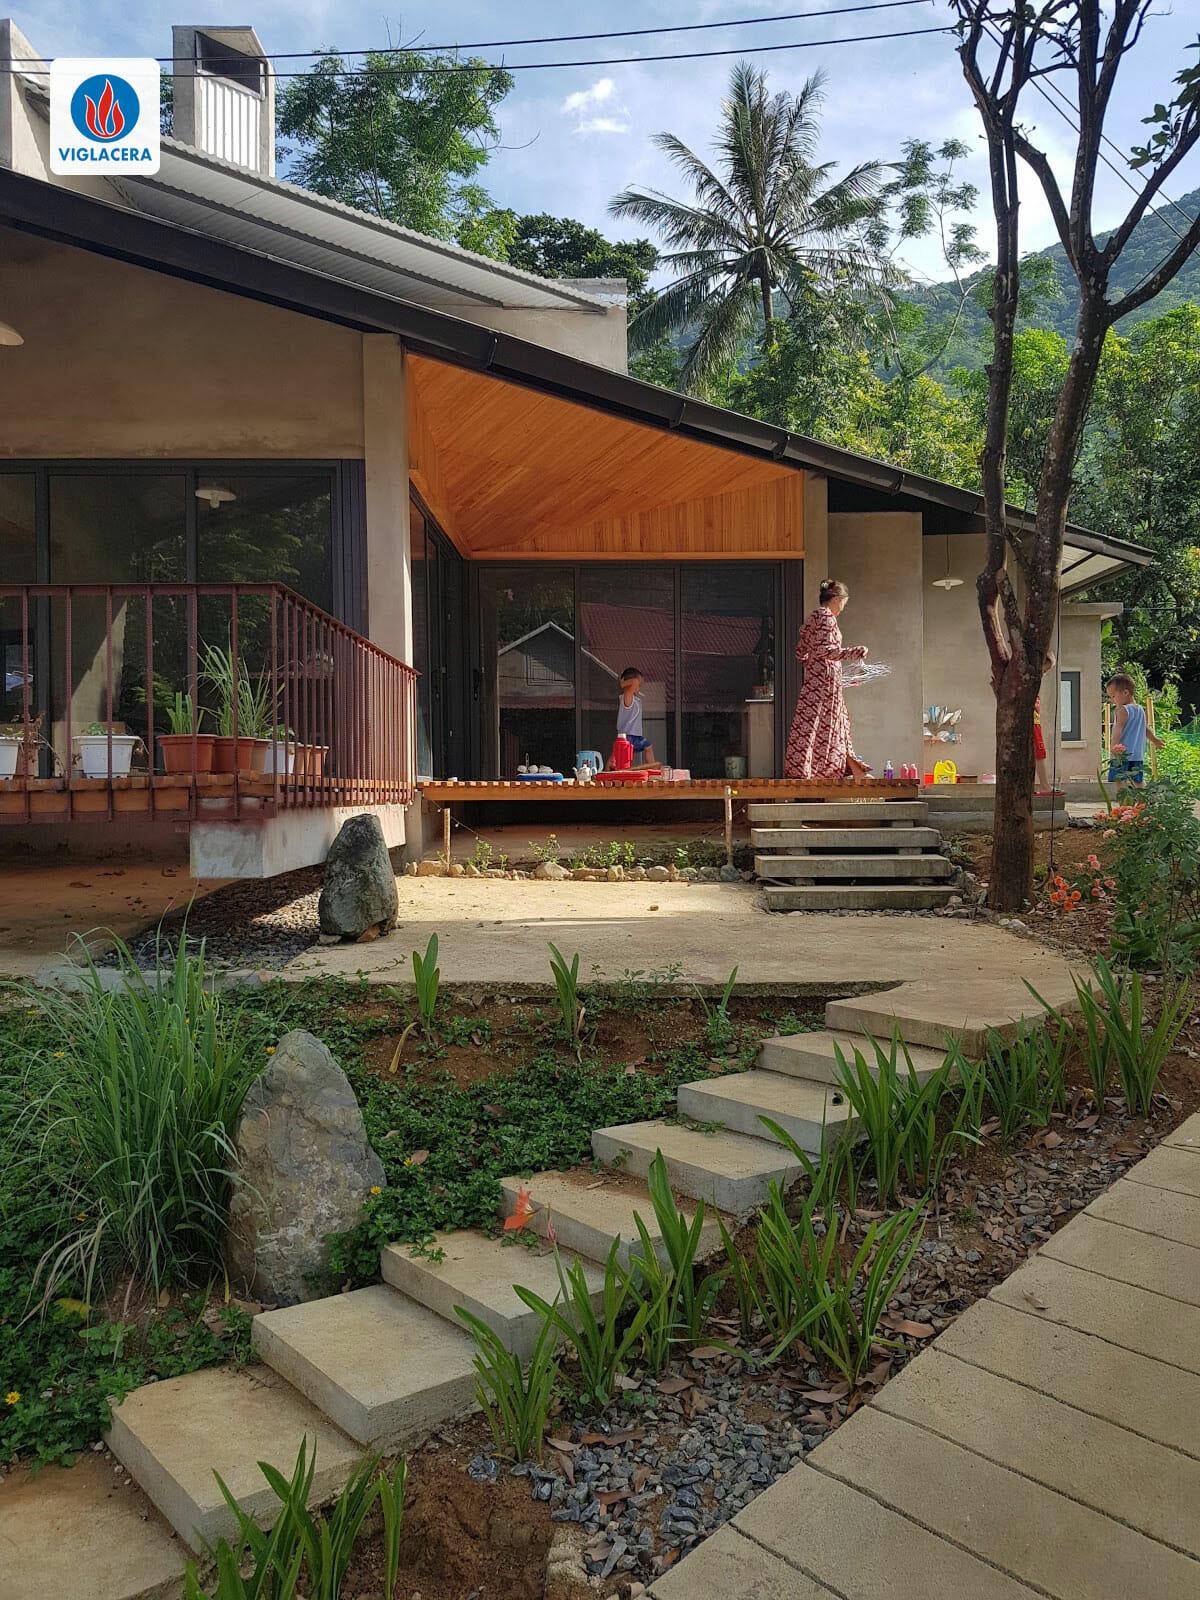 Ngôi nhà vẫn giữ được nét truyền thống, hòa hợp với môi trường xung quanh